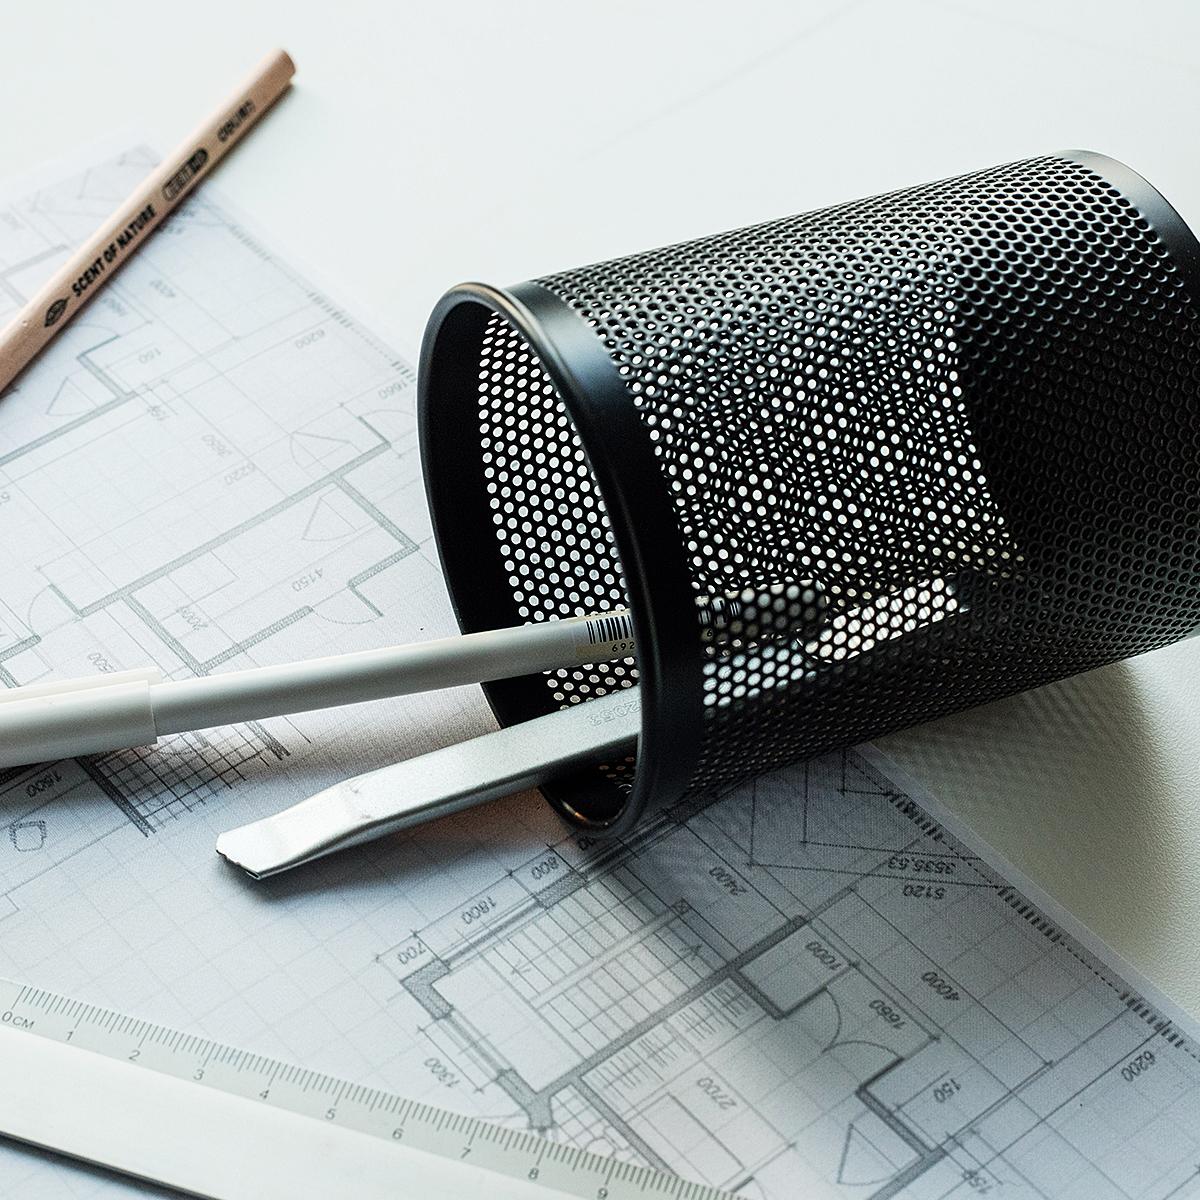 得力笔筒金属网纹塑料黑色圆形彩色创意时尚韩国小清新可爱桌面摆件笔座方笔筒收纳盒学生多功能办公用品文具